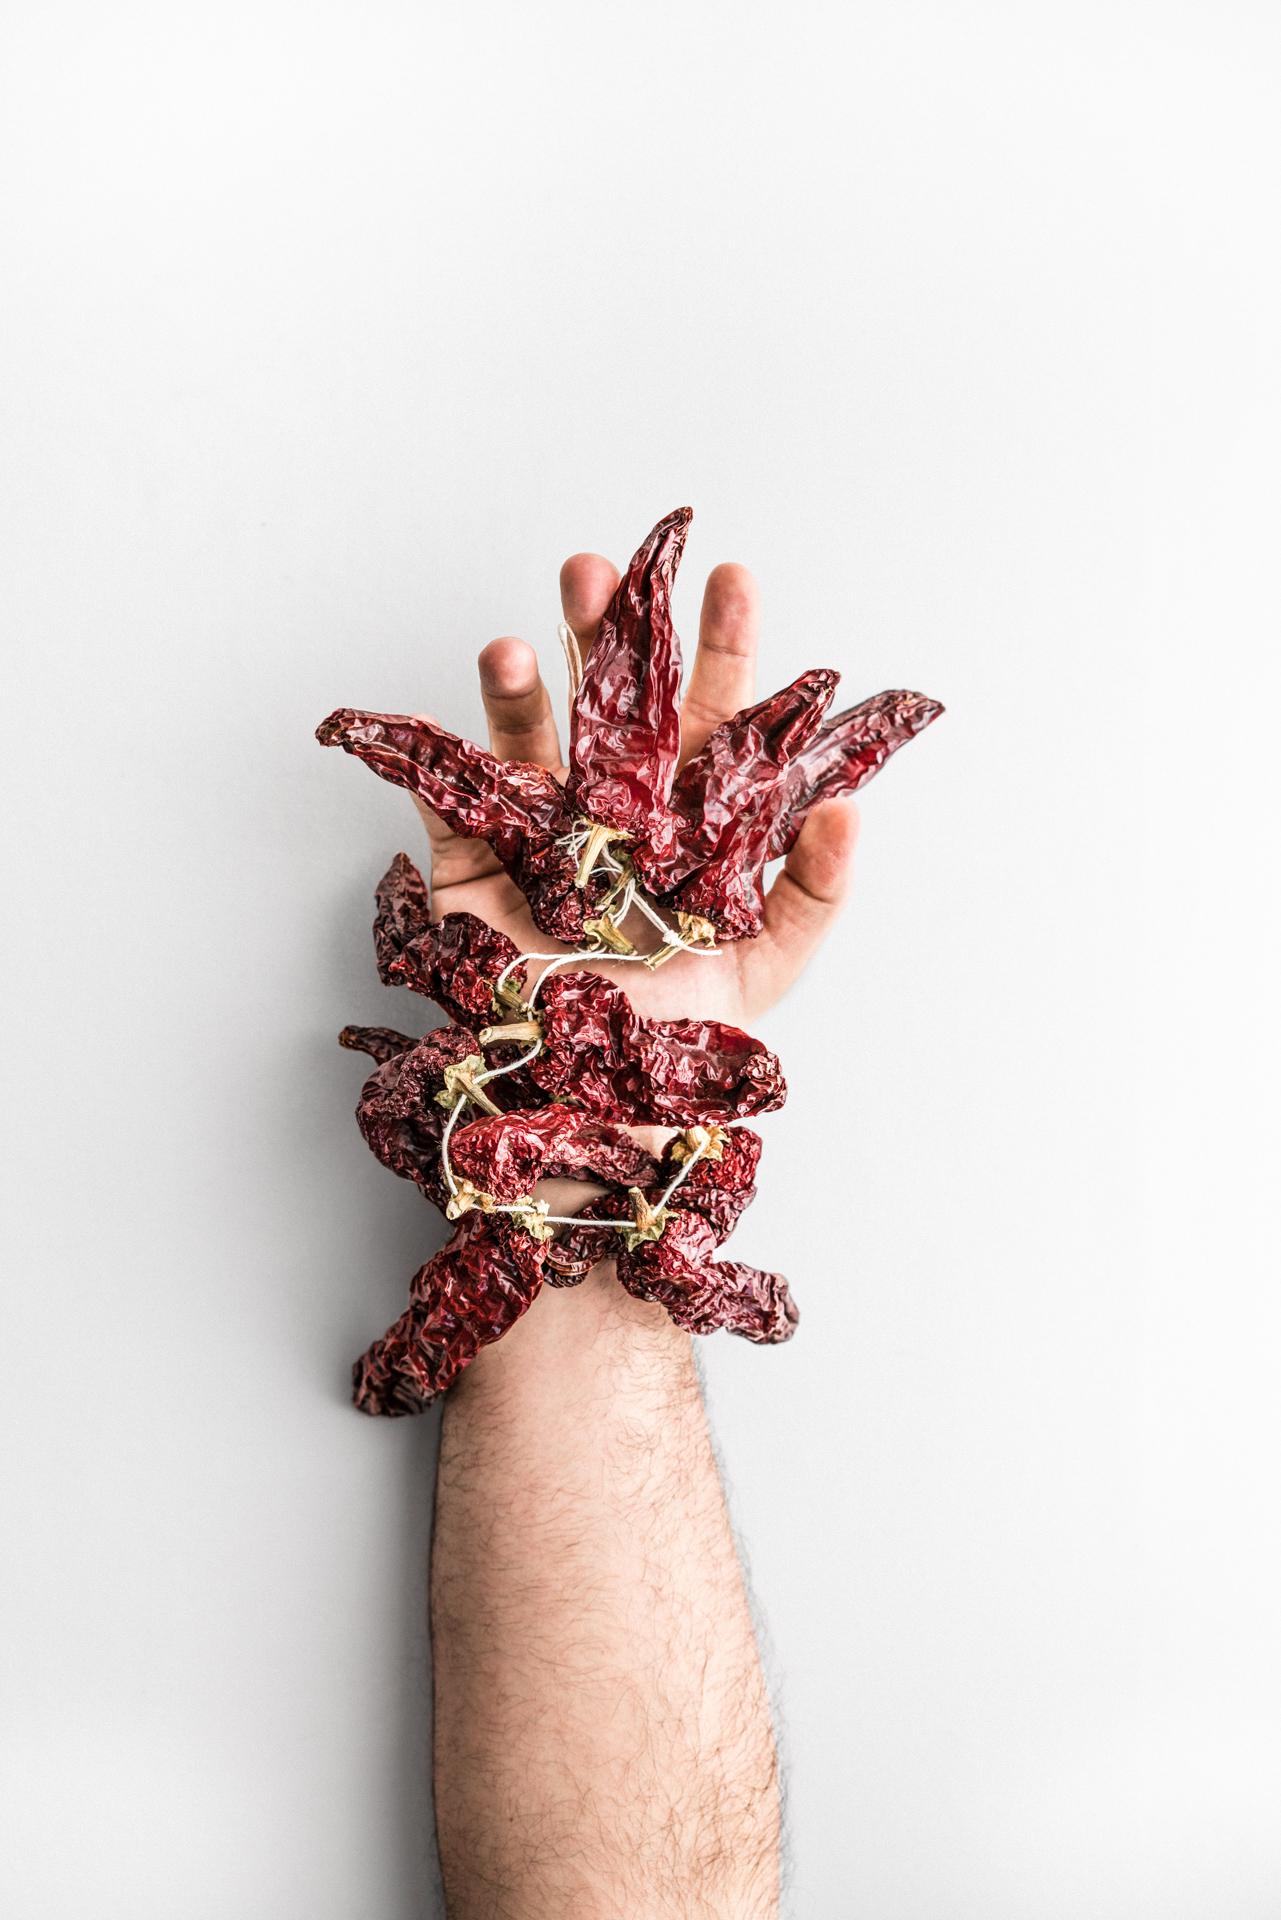 Peperoni cruschi di Luca Bizzarri, infoodfamily, foto di Matteo Bizzarri